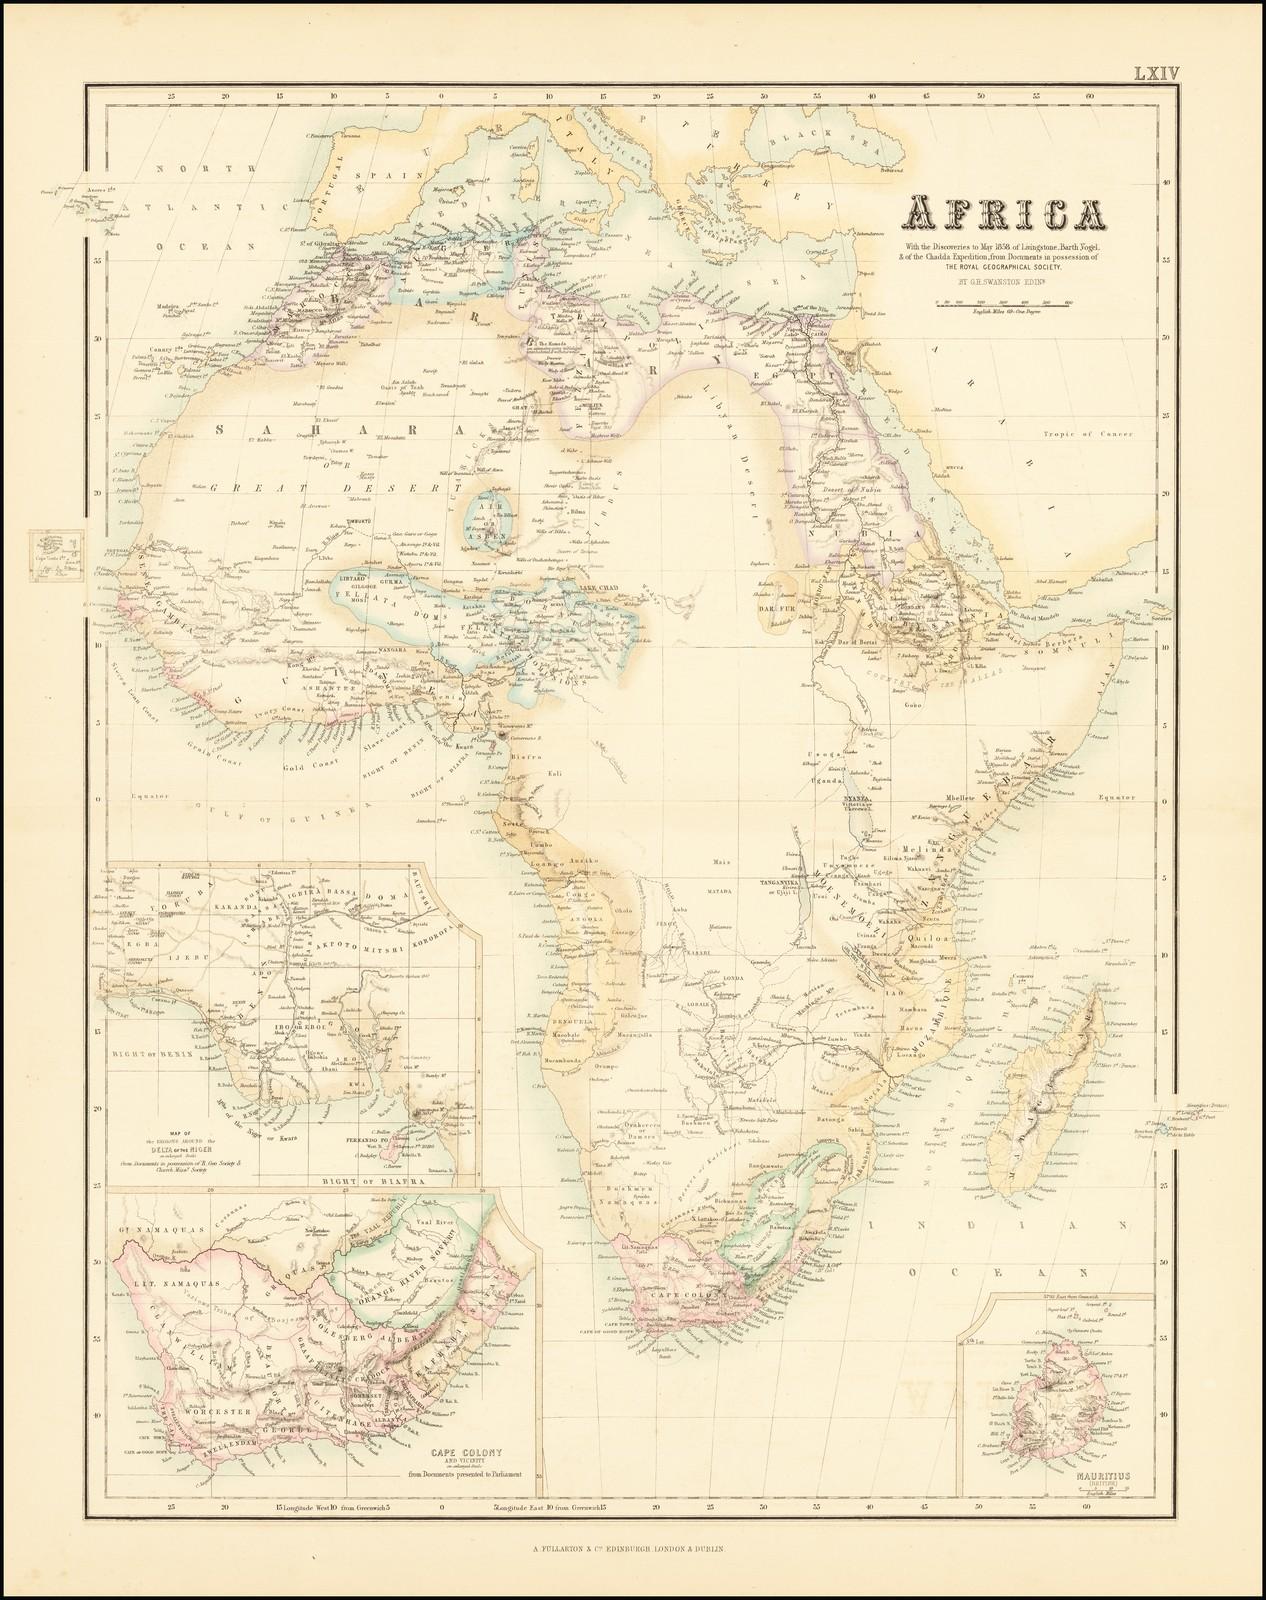 Очень подробная карта Африки, показывающая степень европейских знаний в середине 19 века